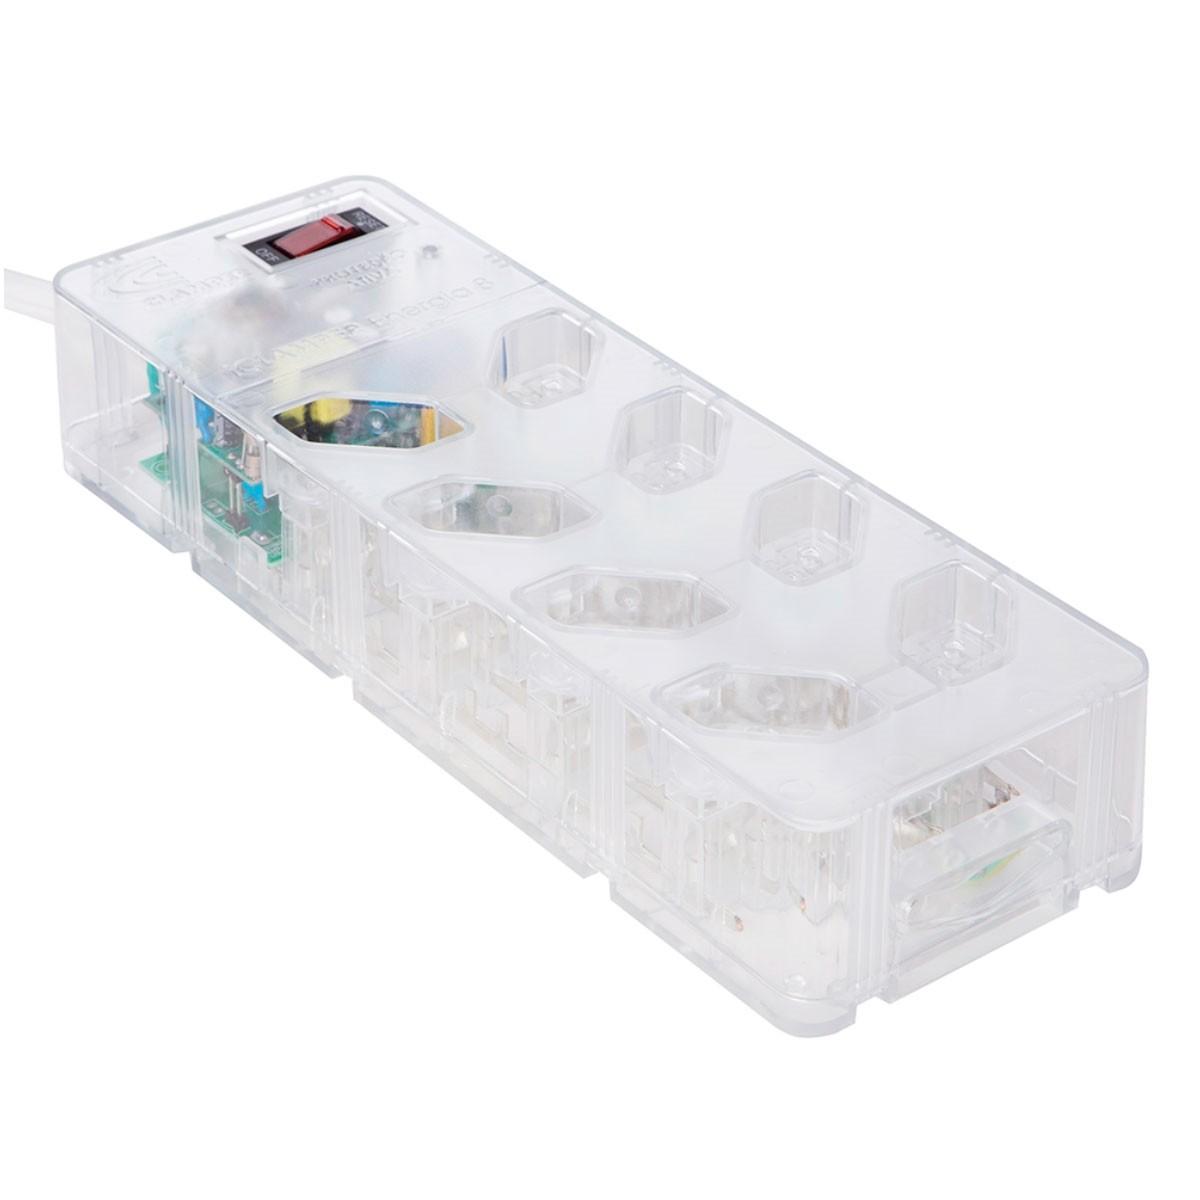 Filtro de Linha 8 Tomadas com Proteção DPS+ iClamper